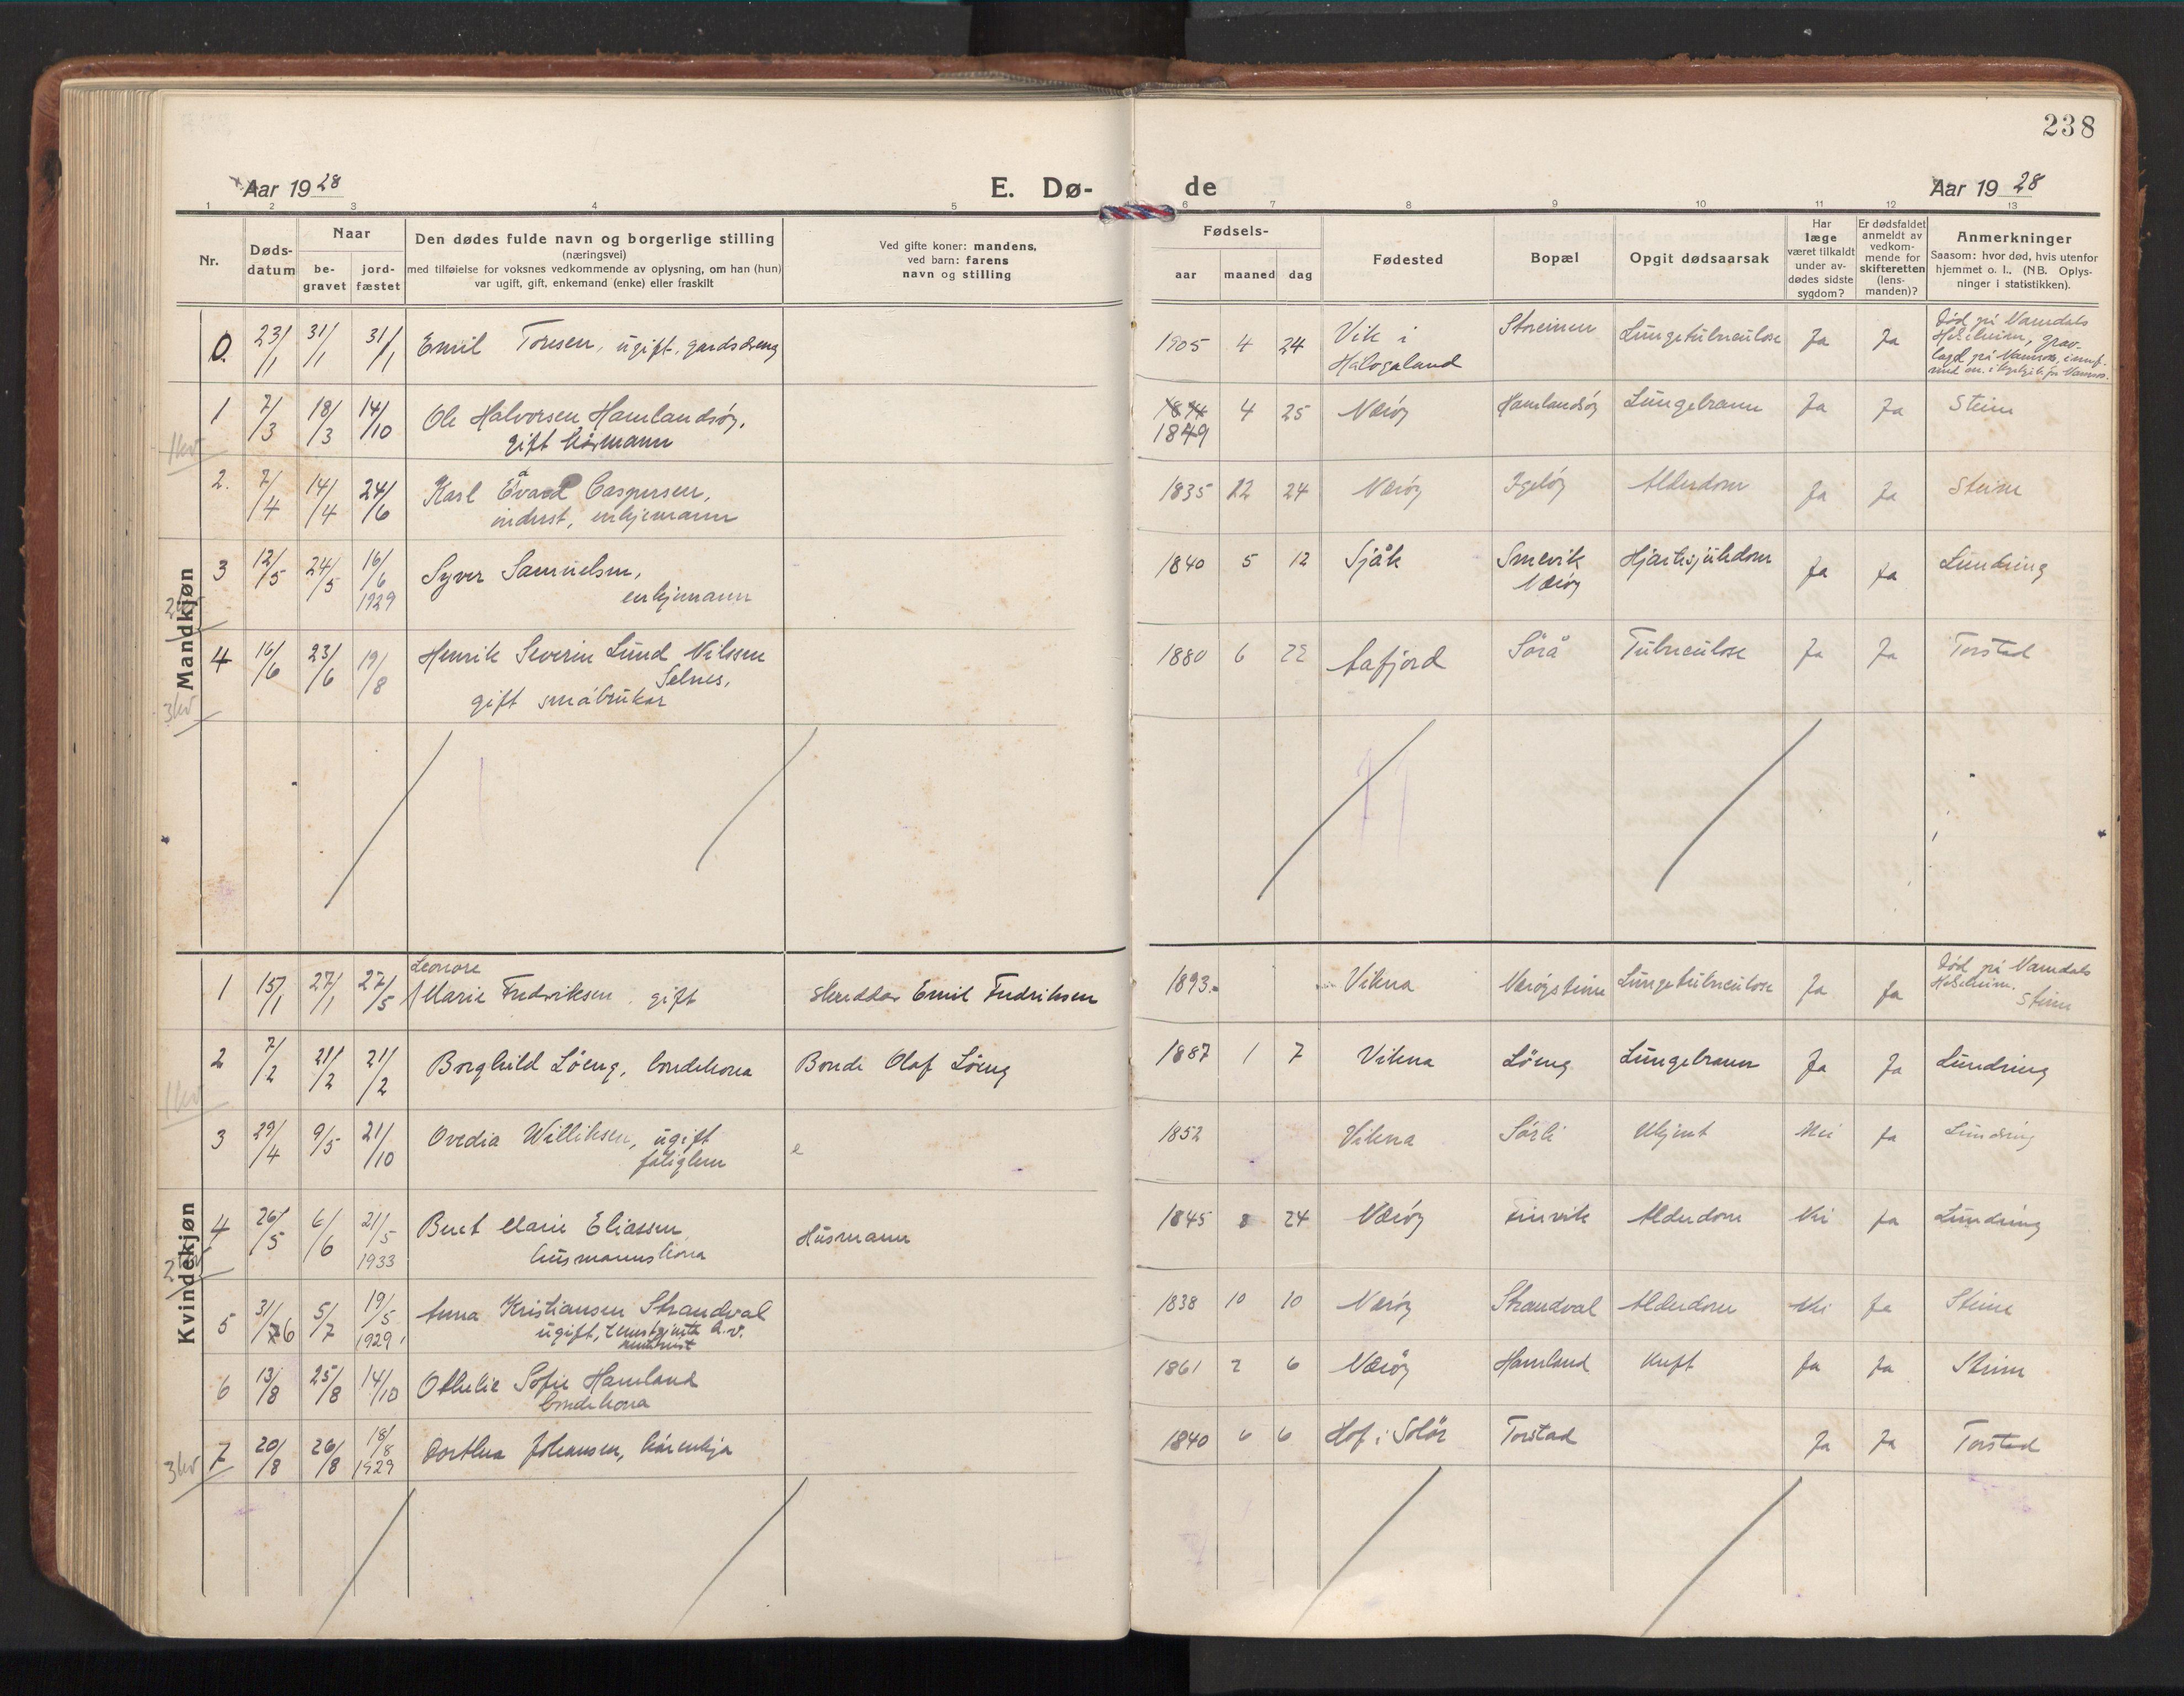 SAT, Ministerialprotokoller, klokkerbøker og fødselsregistre - Nord-Trøndelag, 784/L0678: Ministerialbok nr. 784A13, 1921-1938, s. 238